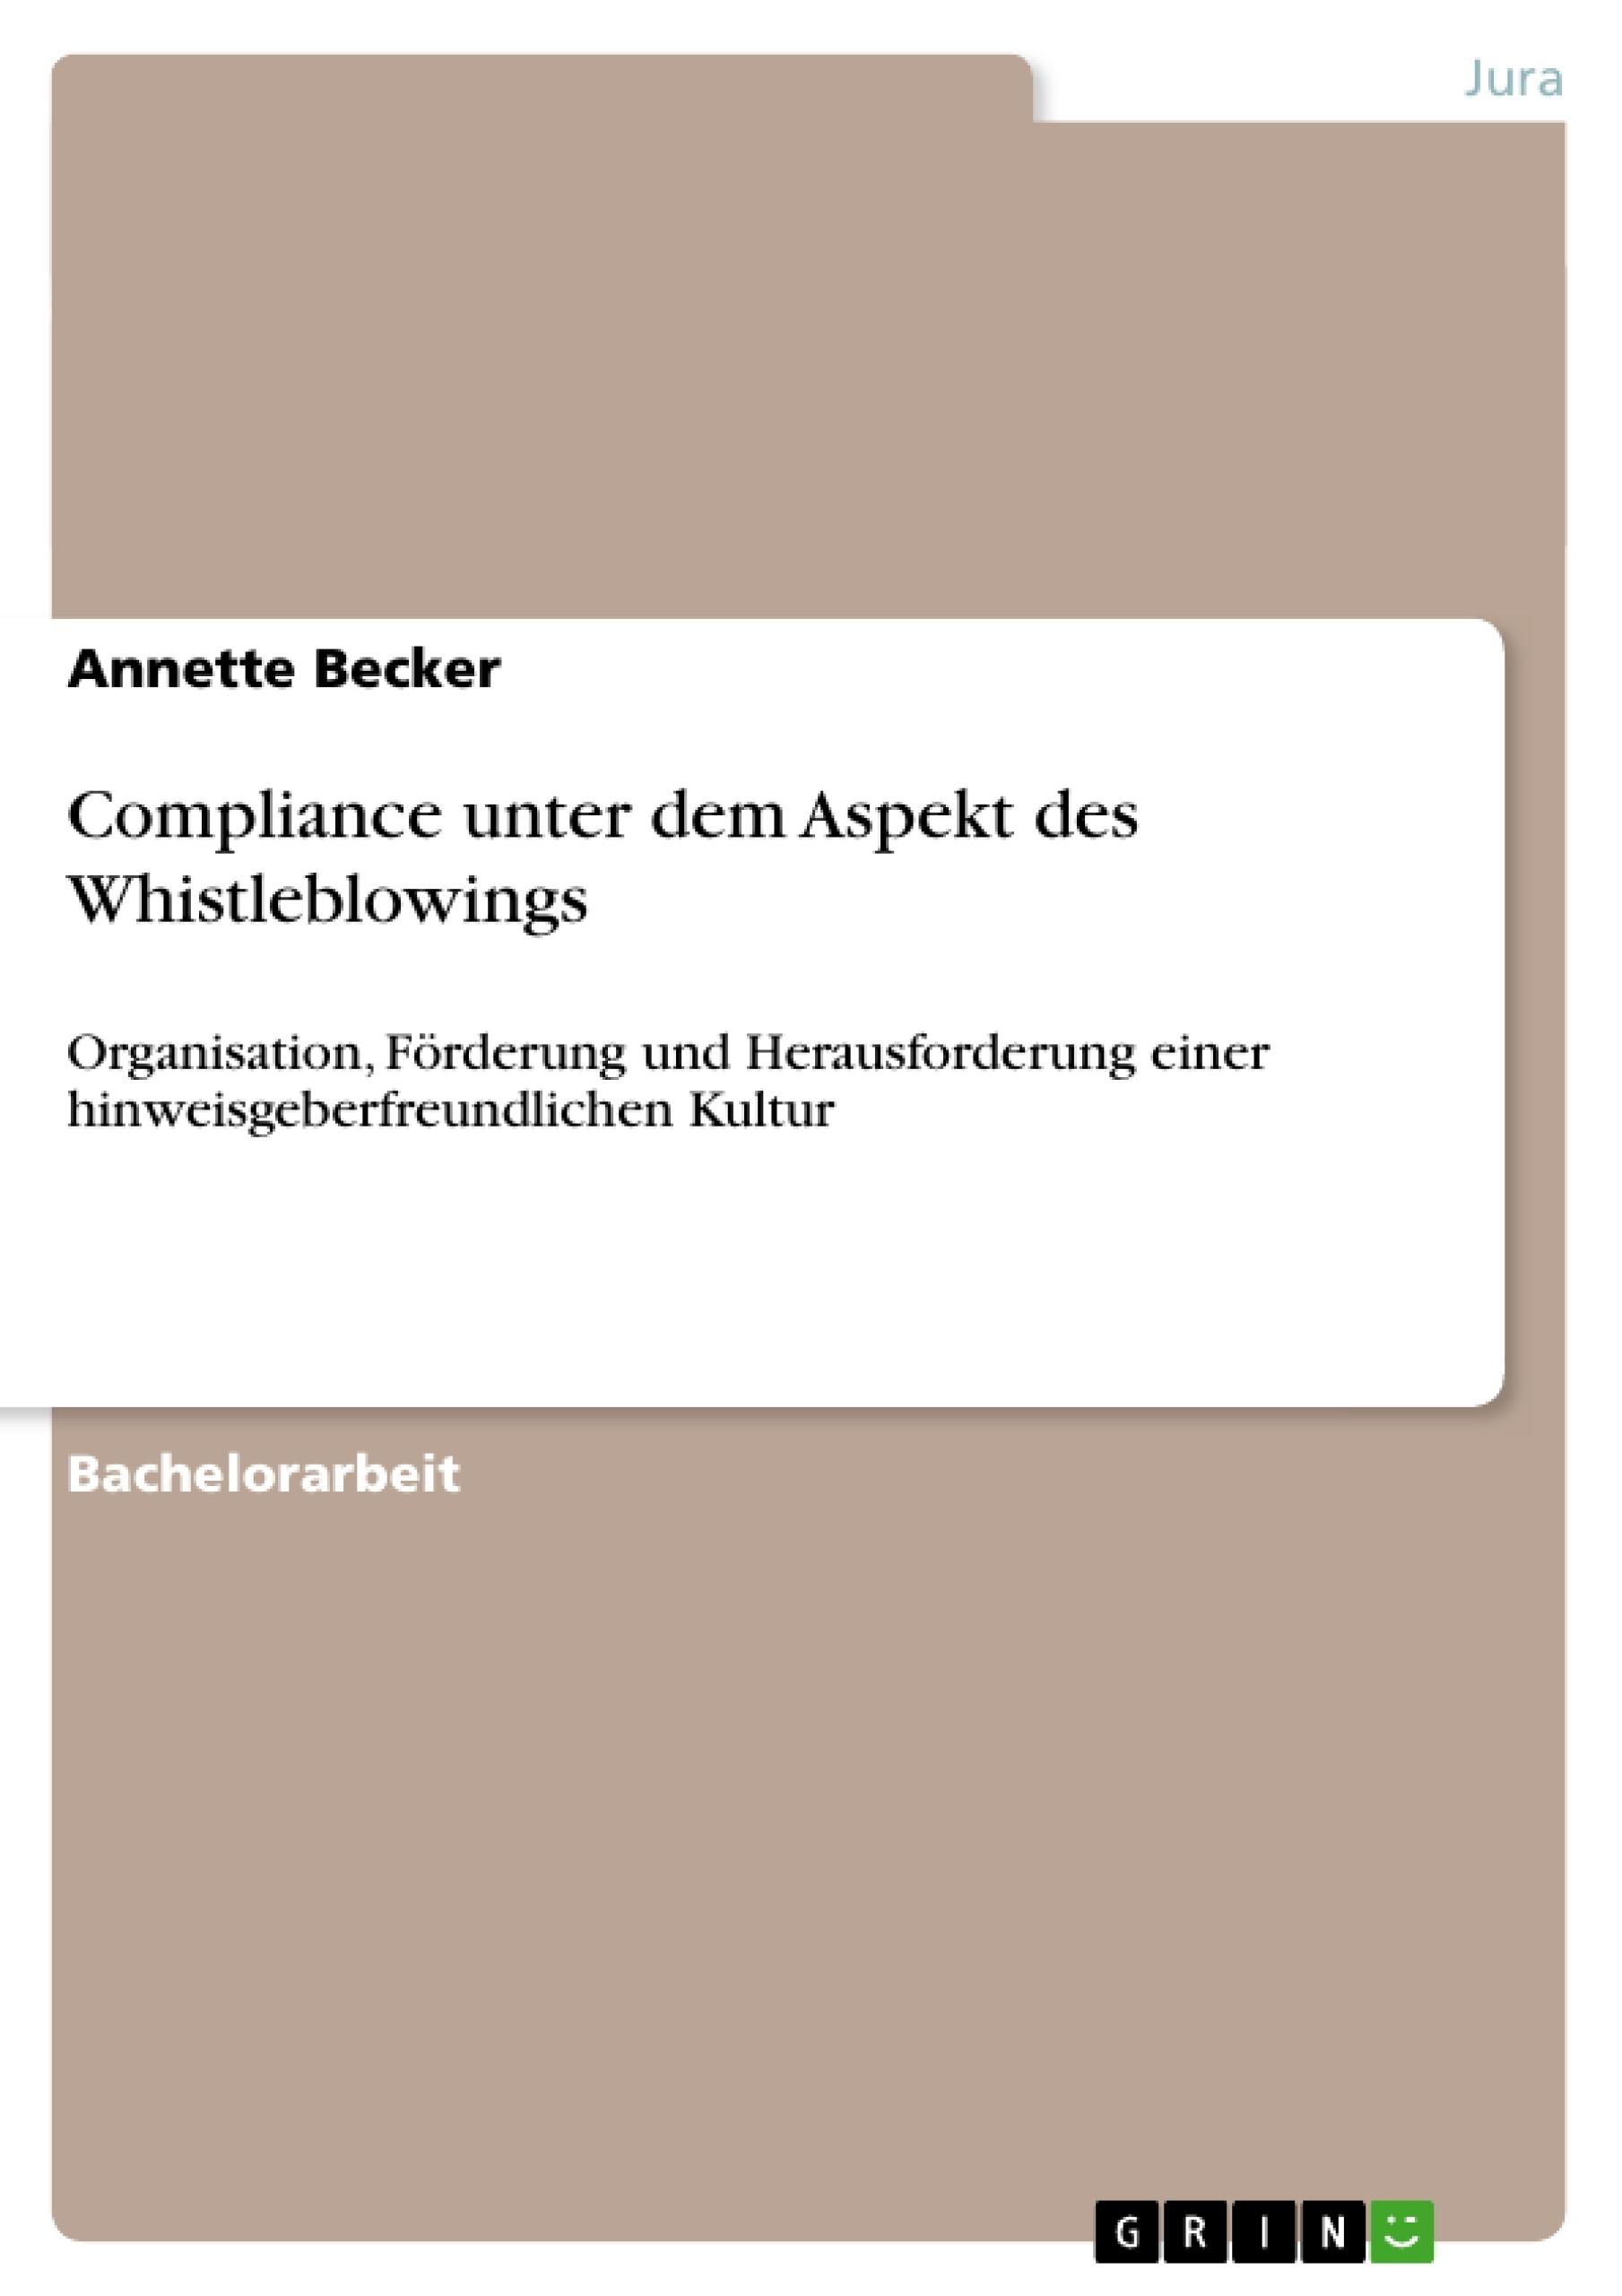 Titel: Compliance unter dem Aspekt des Whistleblowings